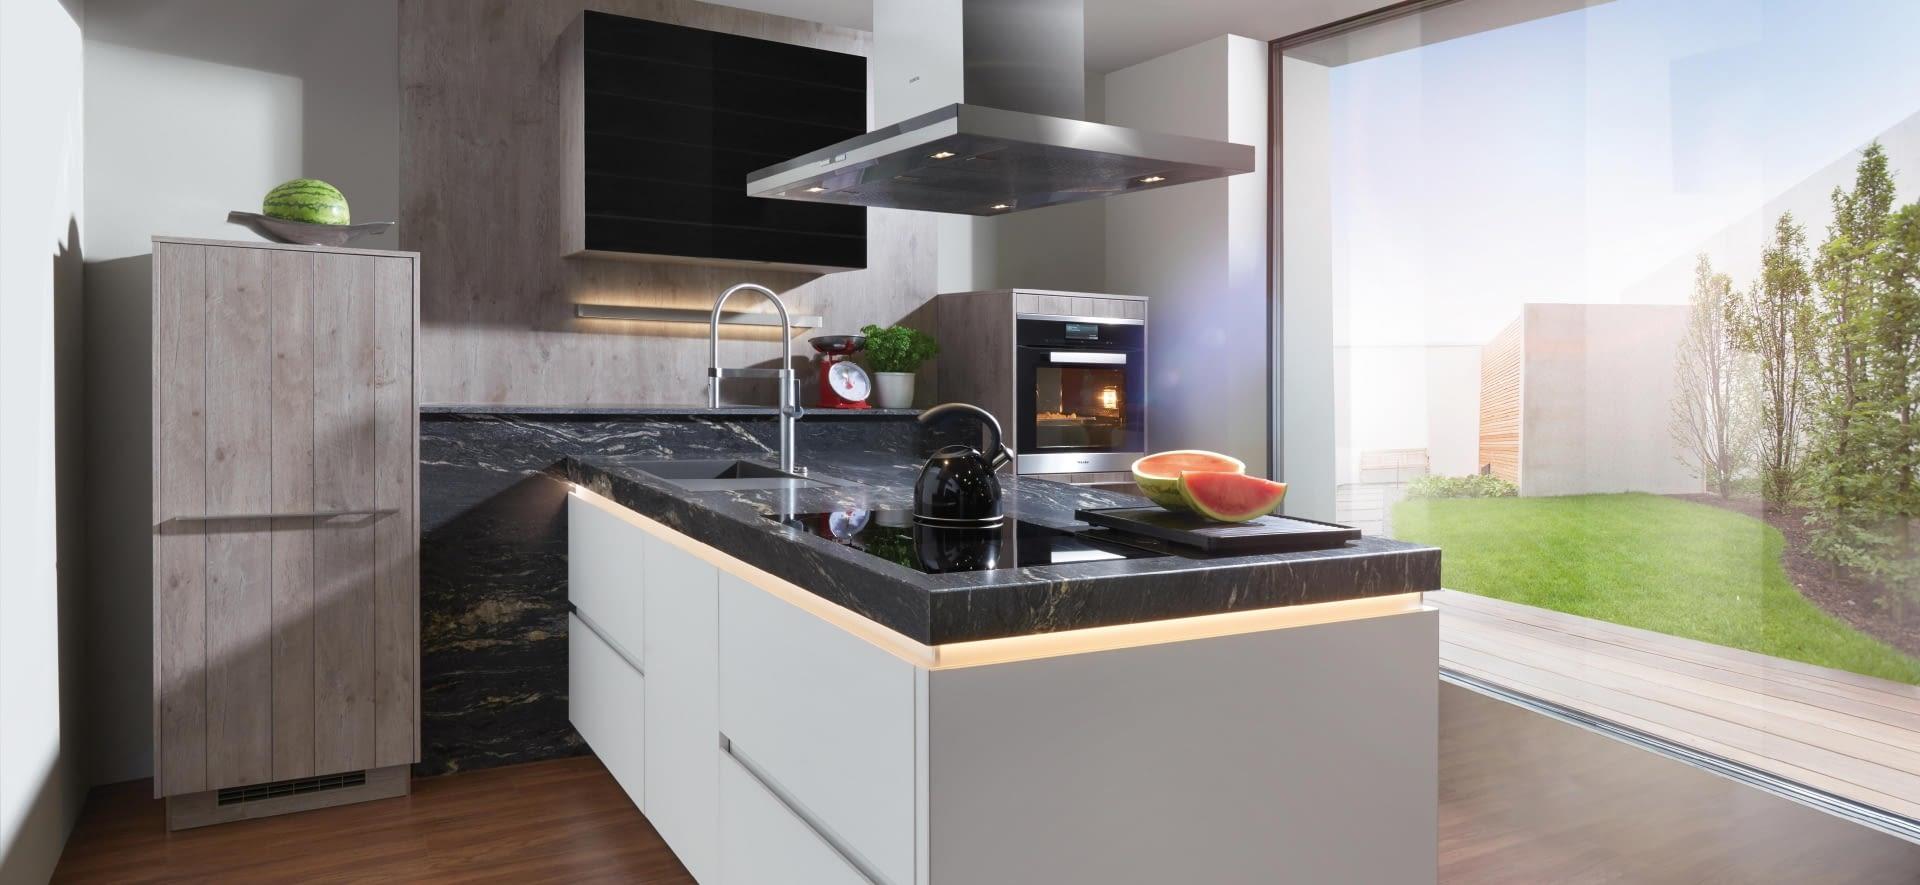 Küchenarbeitsplatten aus Granit & Naturstein – Marquardt Küchen